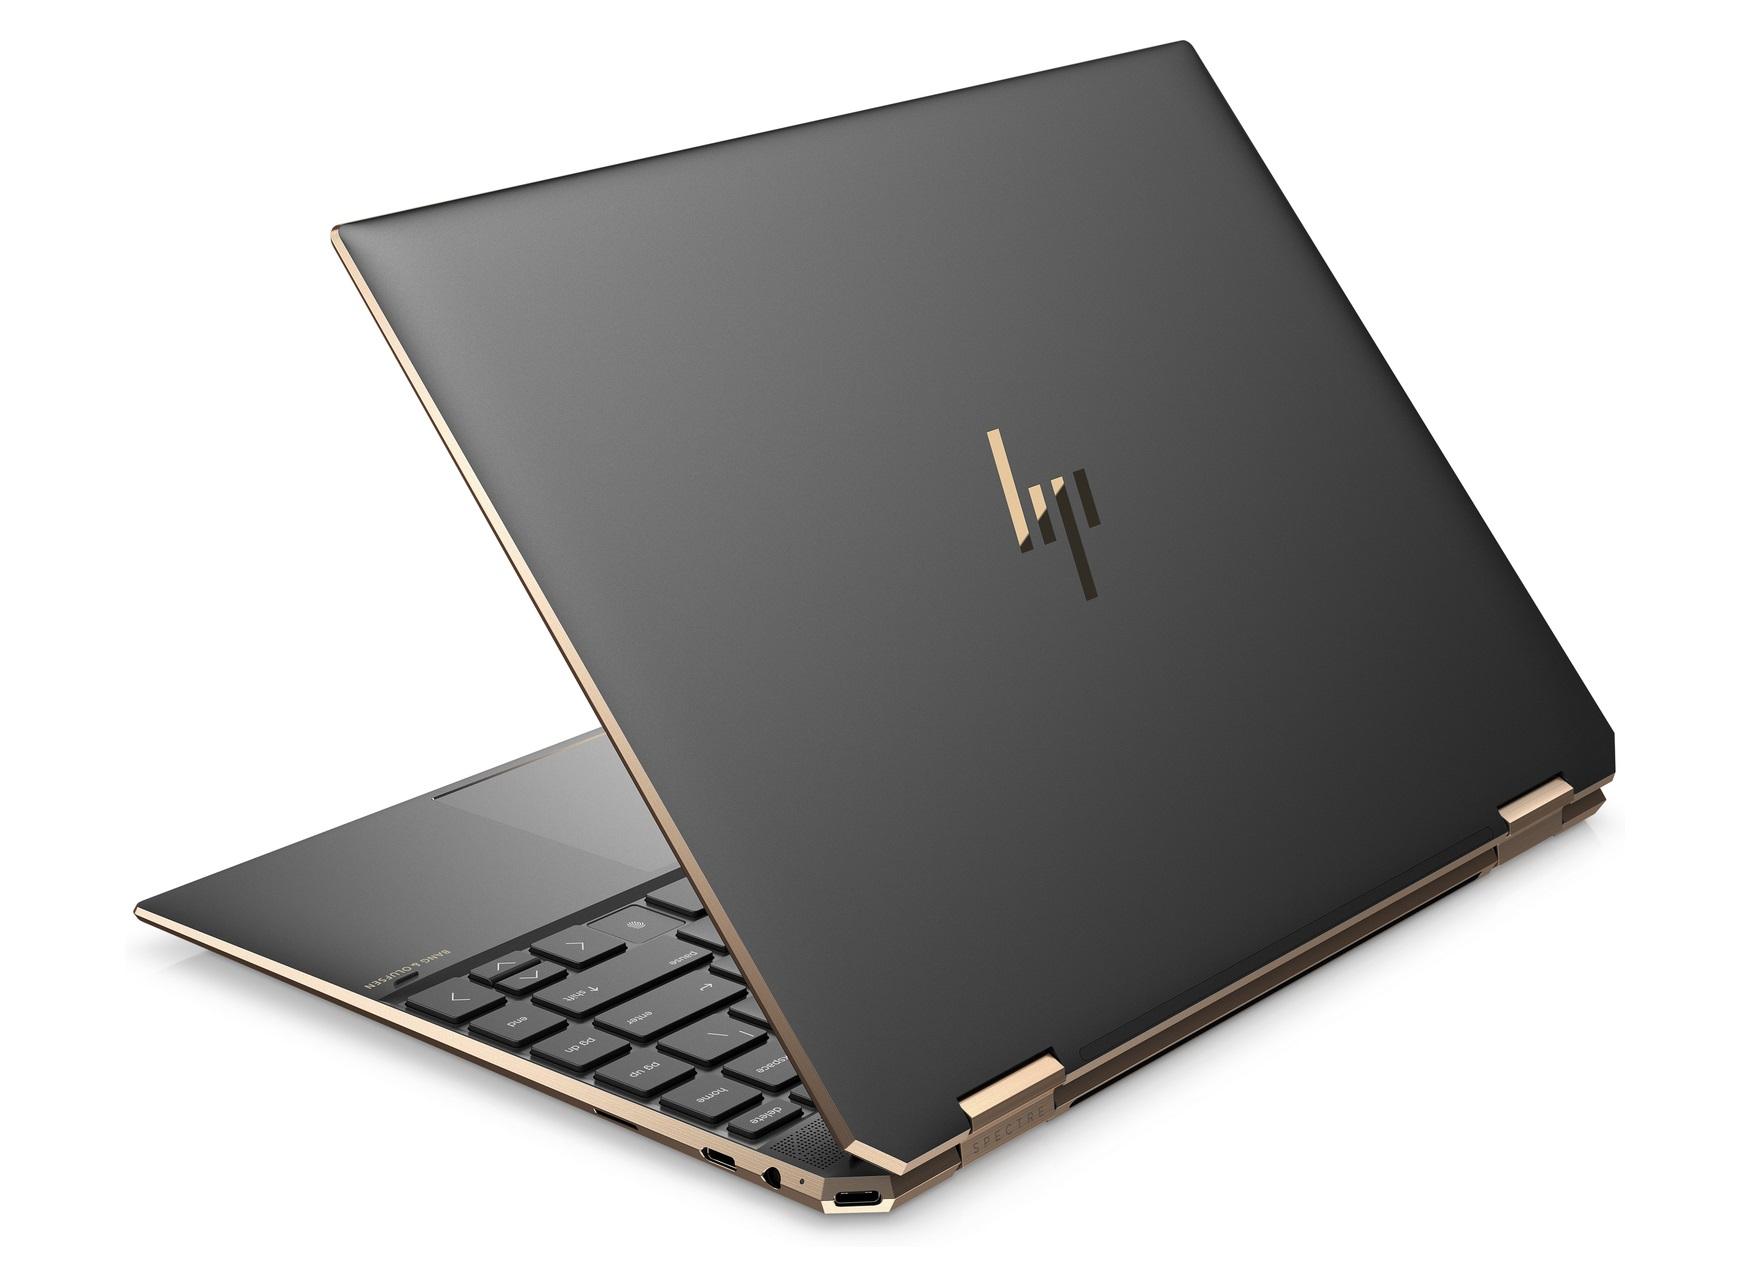 Portátil táctil Convertible HP Spectre x360 14-ea0004ns